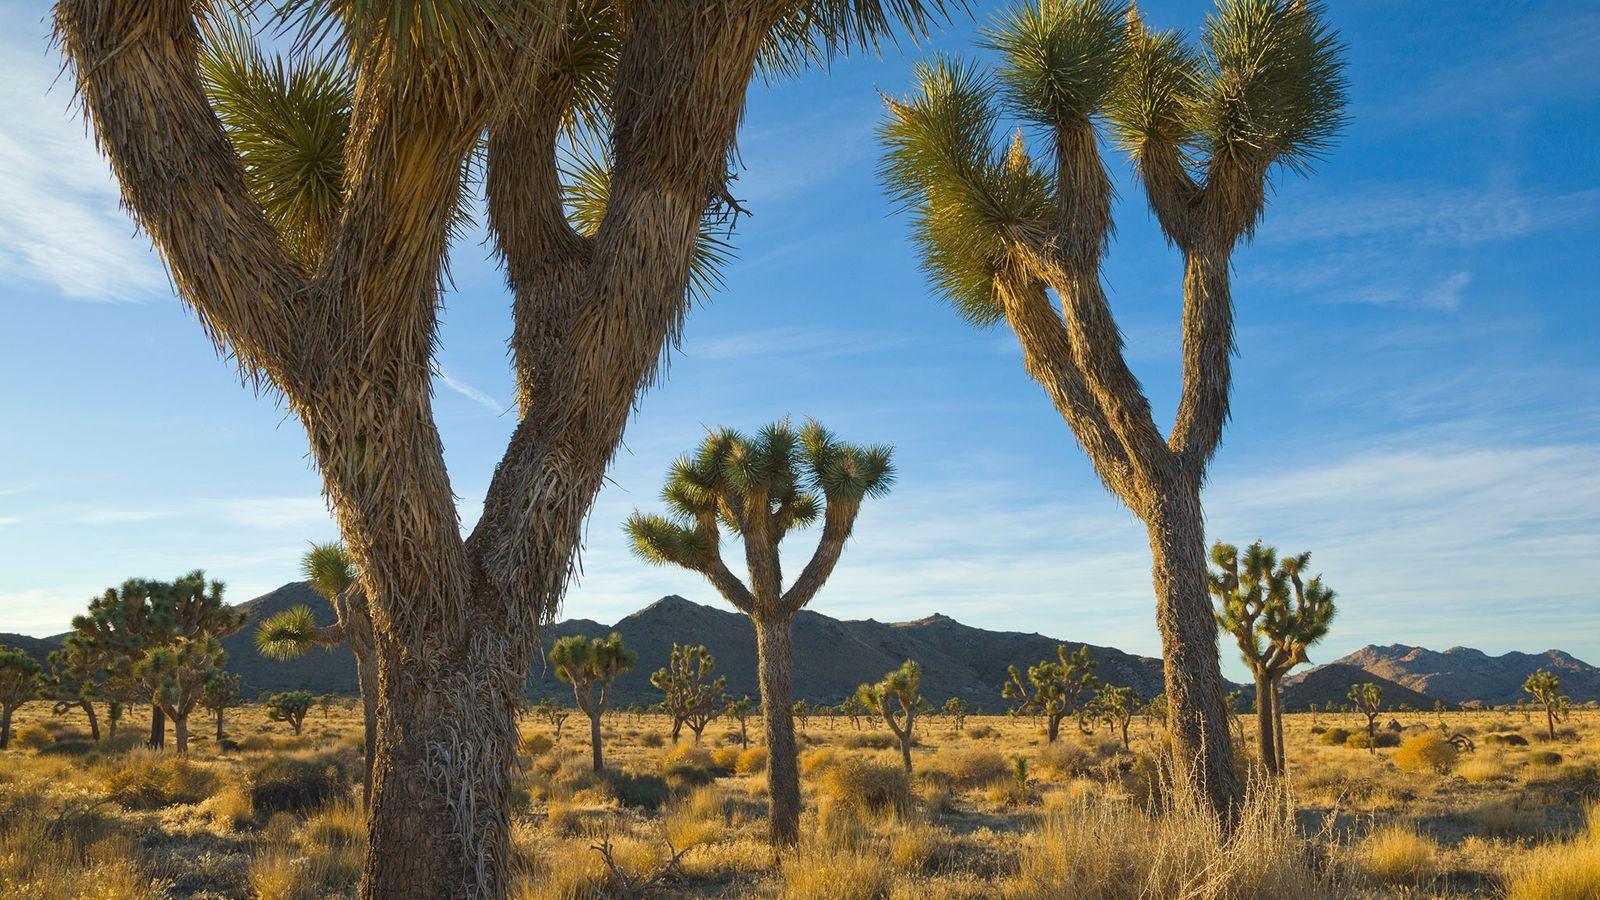 Die Josuabäume sind ebenso bekannt wie beliebt.